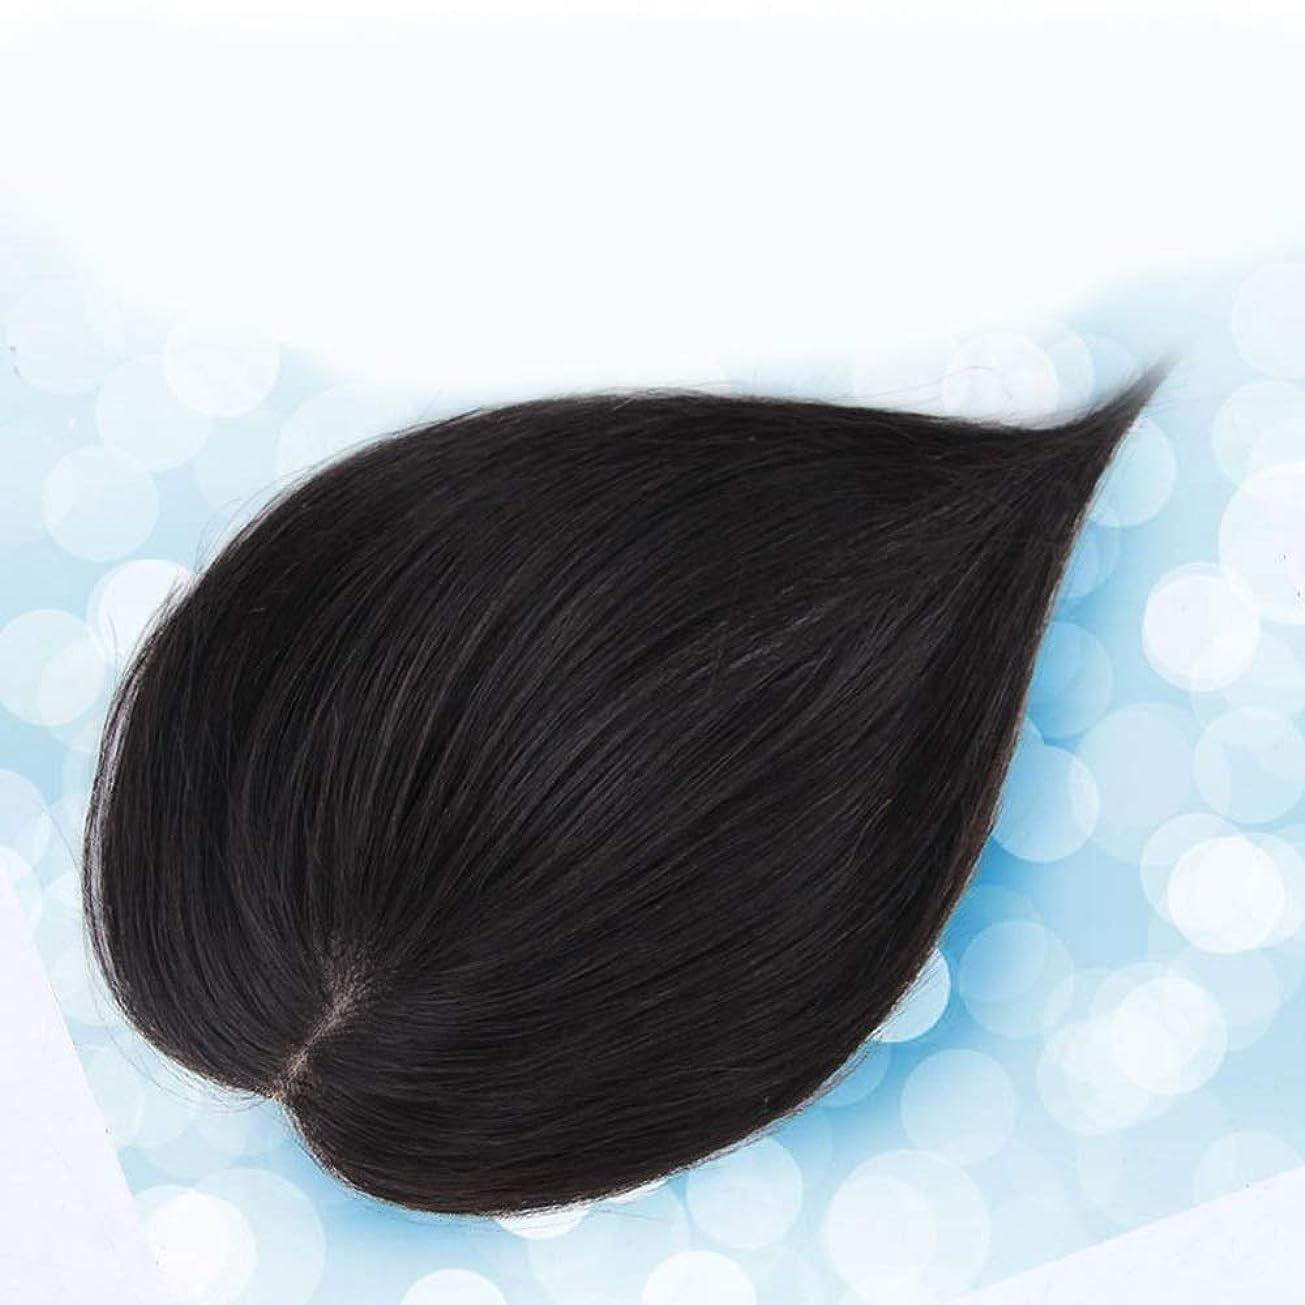 無駄にスパイラル歴史家HOHYLLYA ヘアエクステンションダークブラウンストレート人毛ウィッグパーティーウィッグで女性のリアルヘアクリップ (色 : [9x14] 30cm natural black)